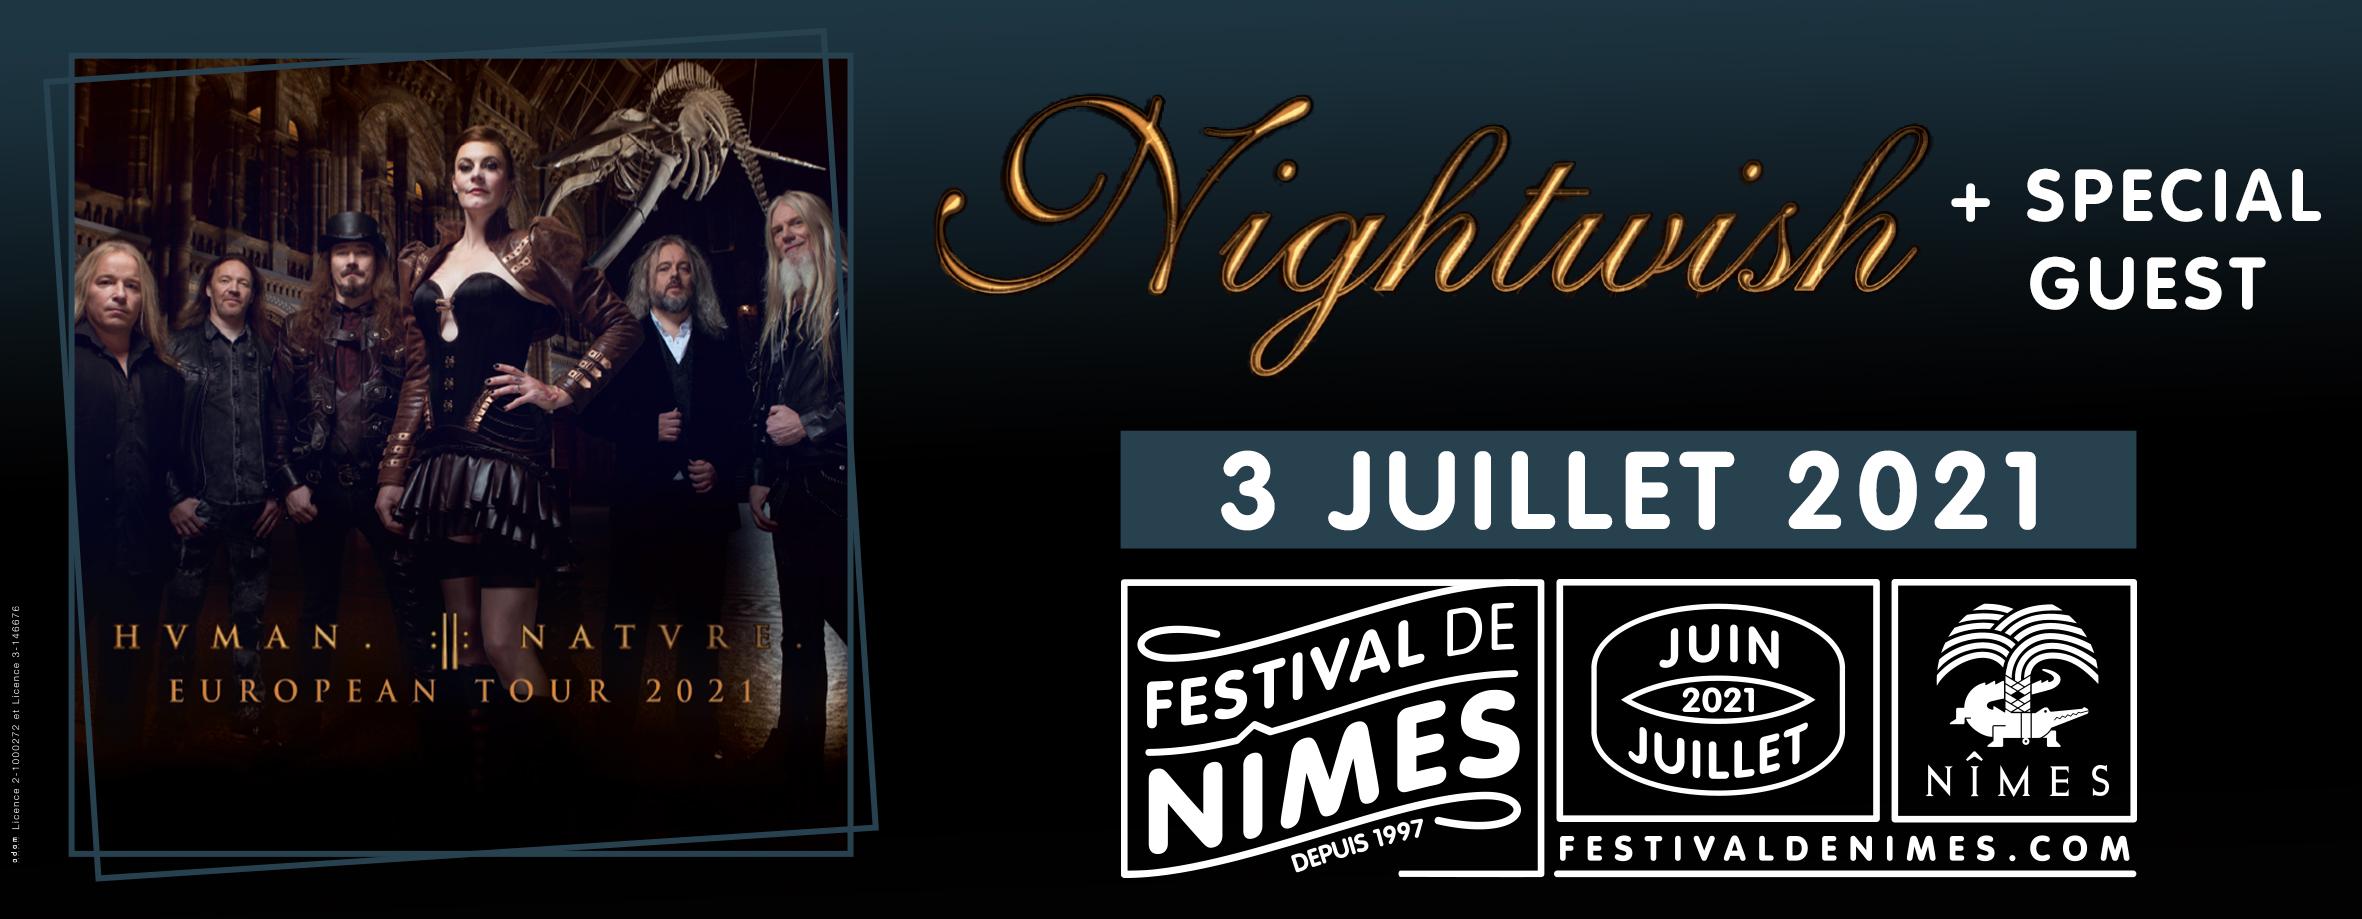 Nightwish to play Festival de Nîmes 2021!